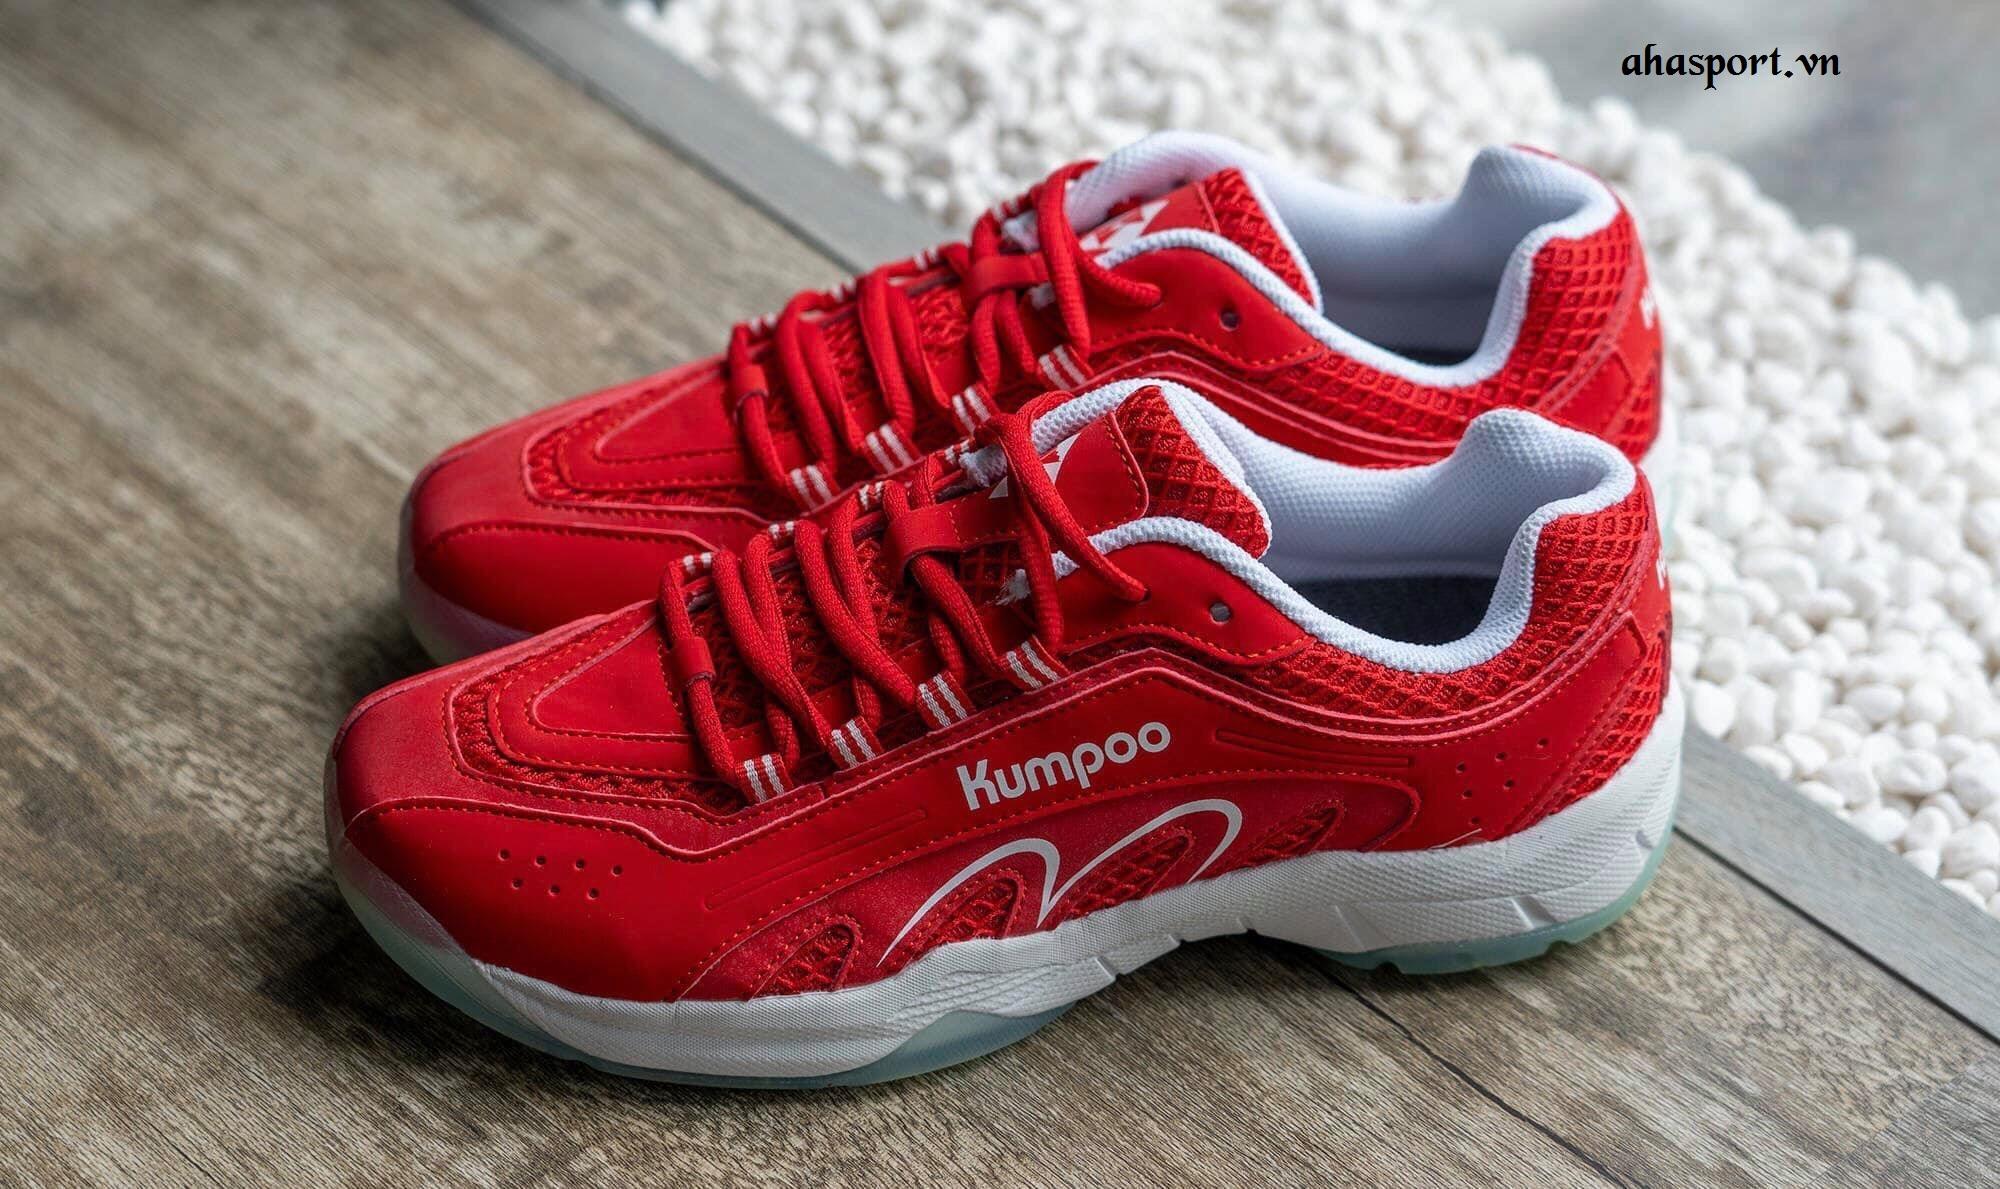 Giày cầu lông nam nữ chính hãng Kumpoo